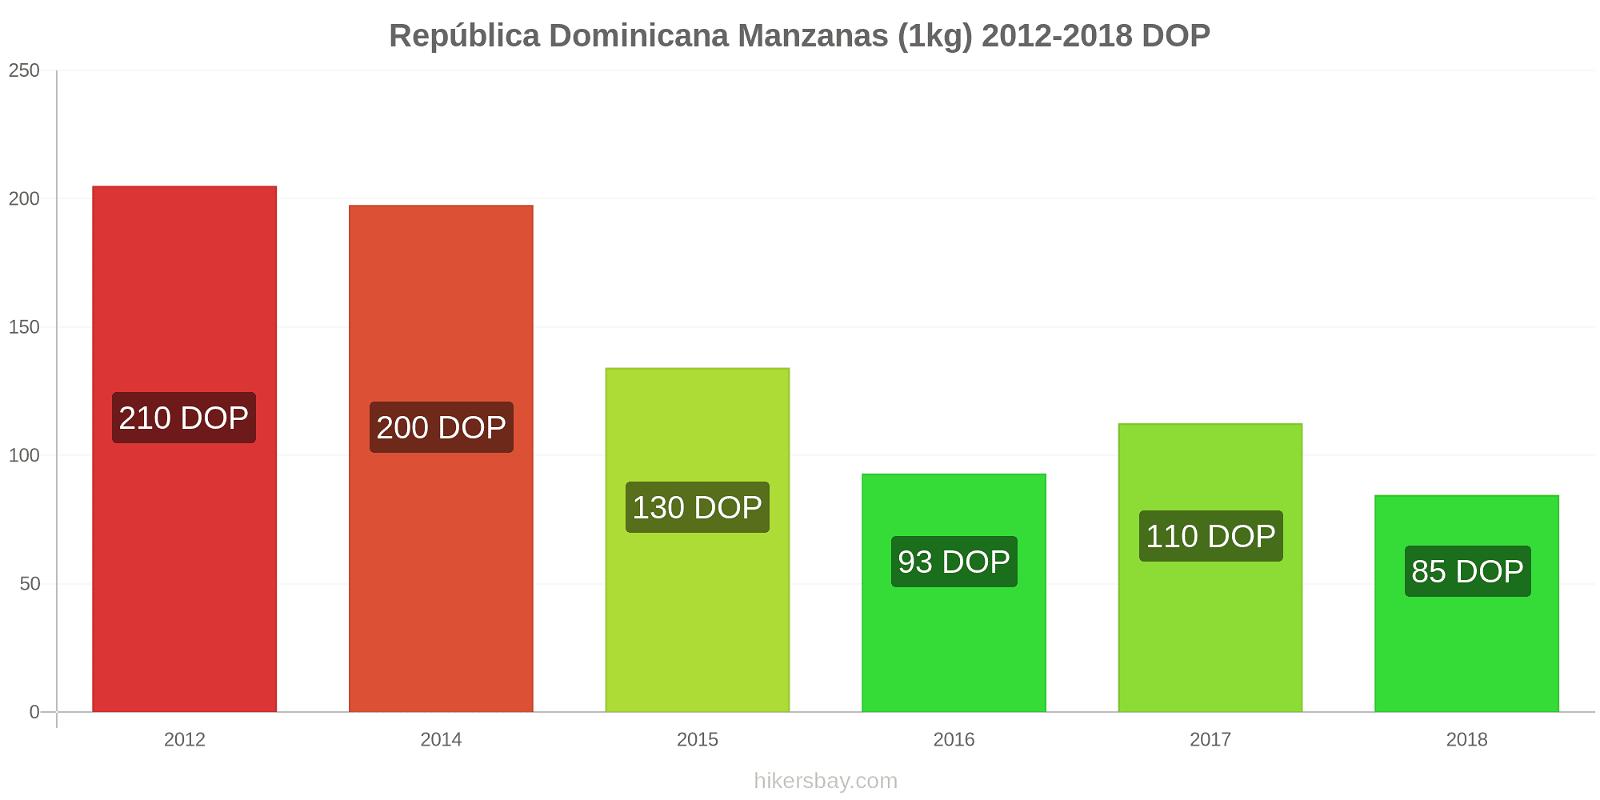 República Dominicana cambios de precios Manzanas (1kg) hikersbay.com